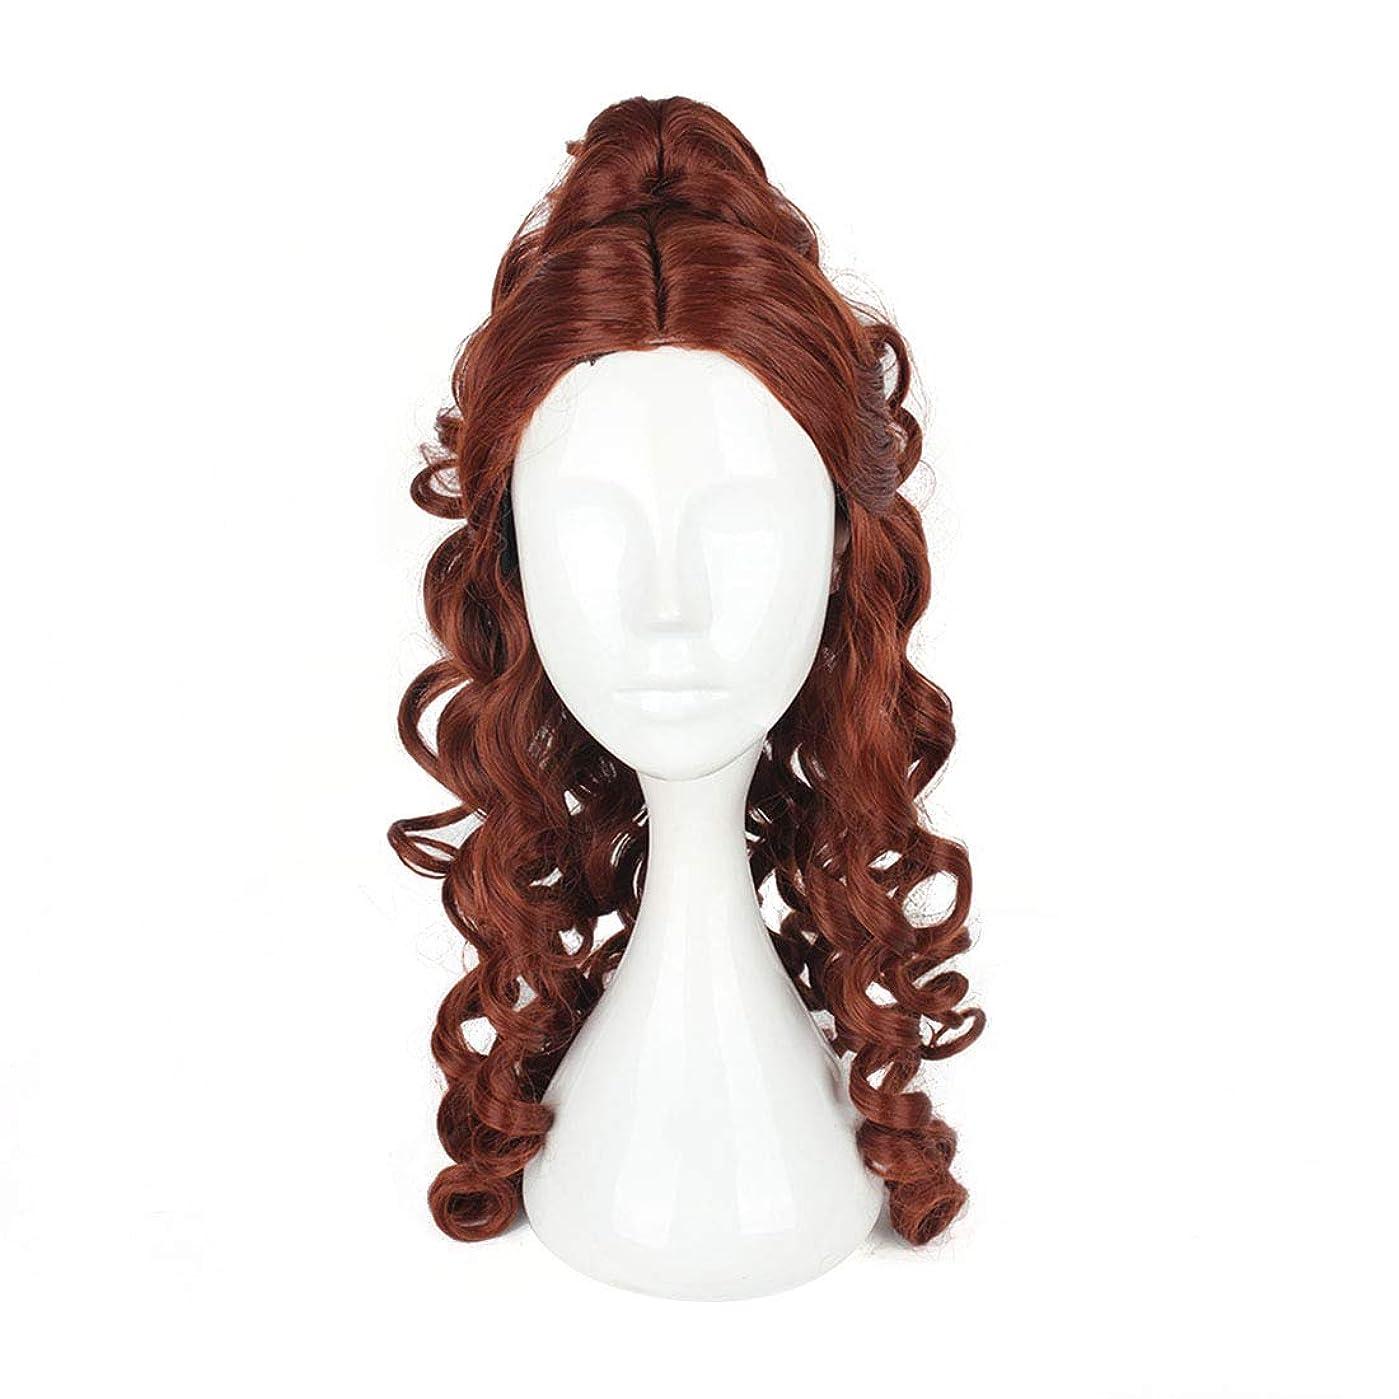 ホステス受動的デッキBOBIDYEE ヨーロッパとアメリカのかつら高つく茶色長い巻き毛のコスプレかつらプリンセスベル合成髪レースかつらロールプレイングかつら (色 : ブラウン)